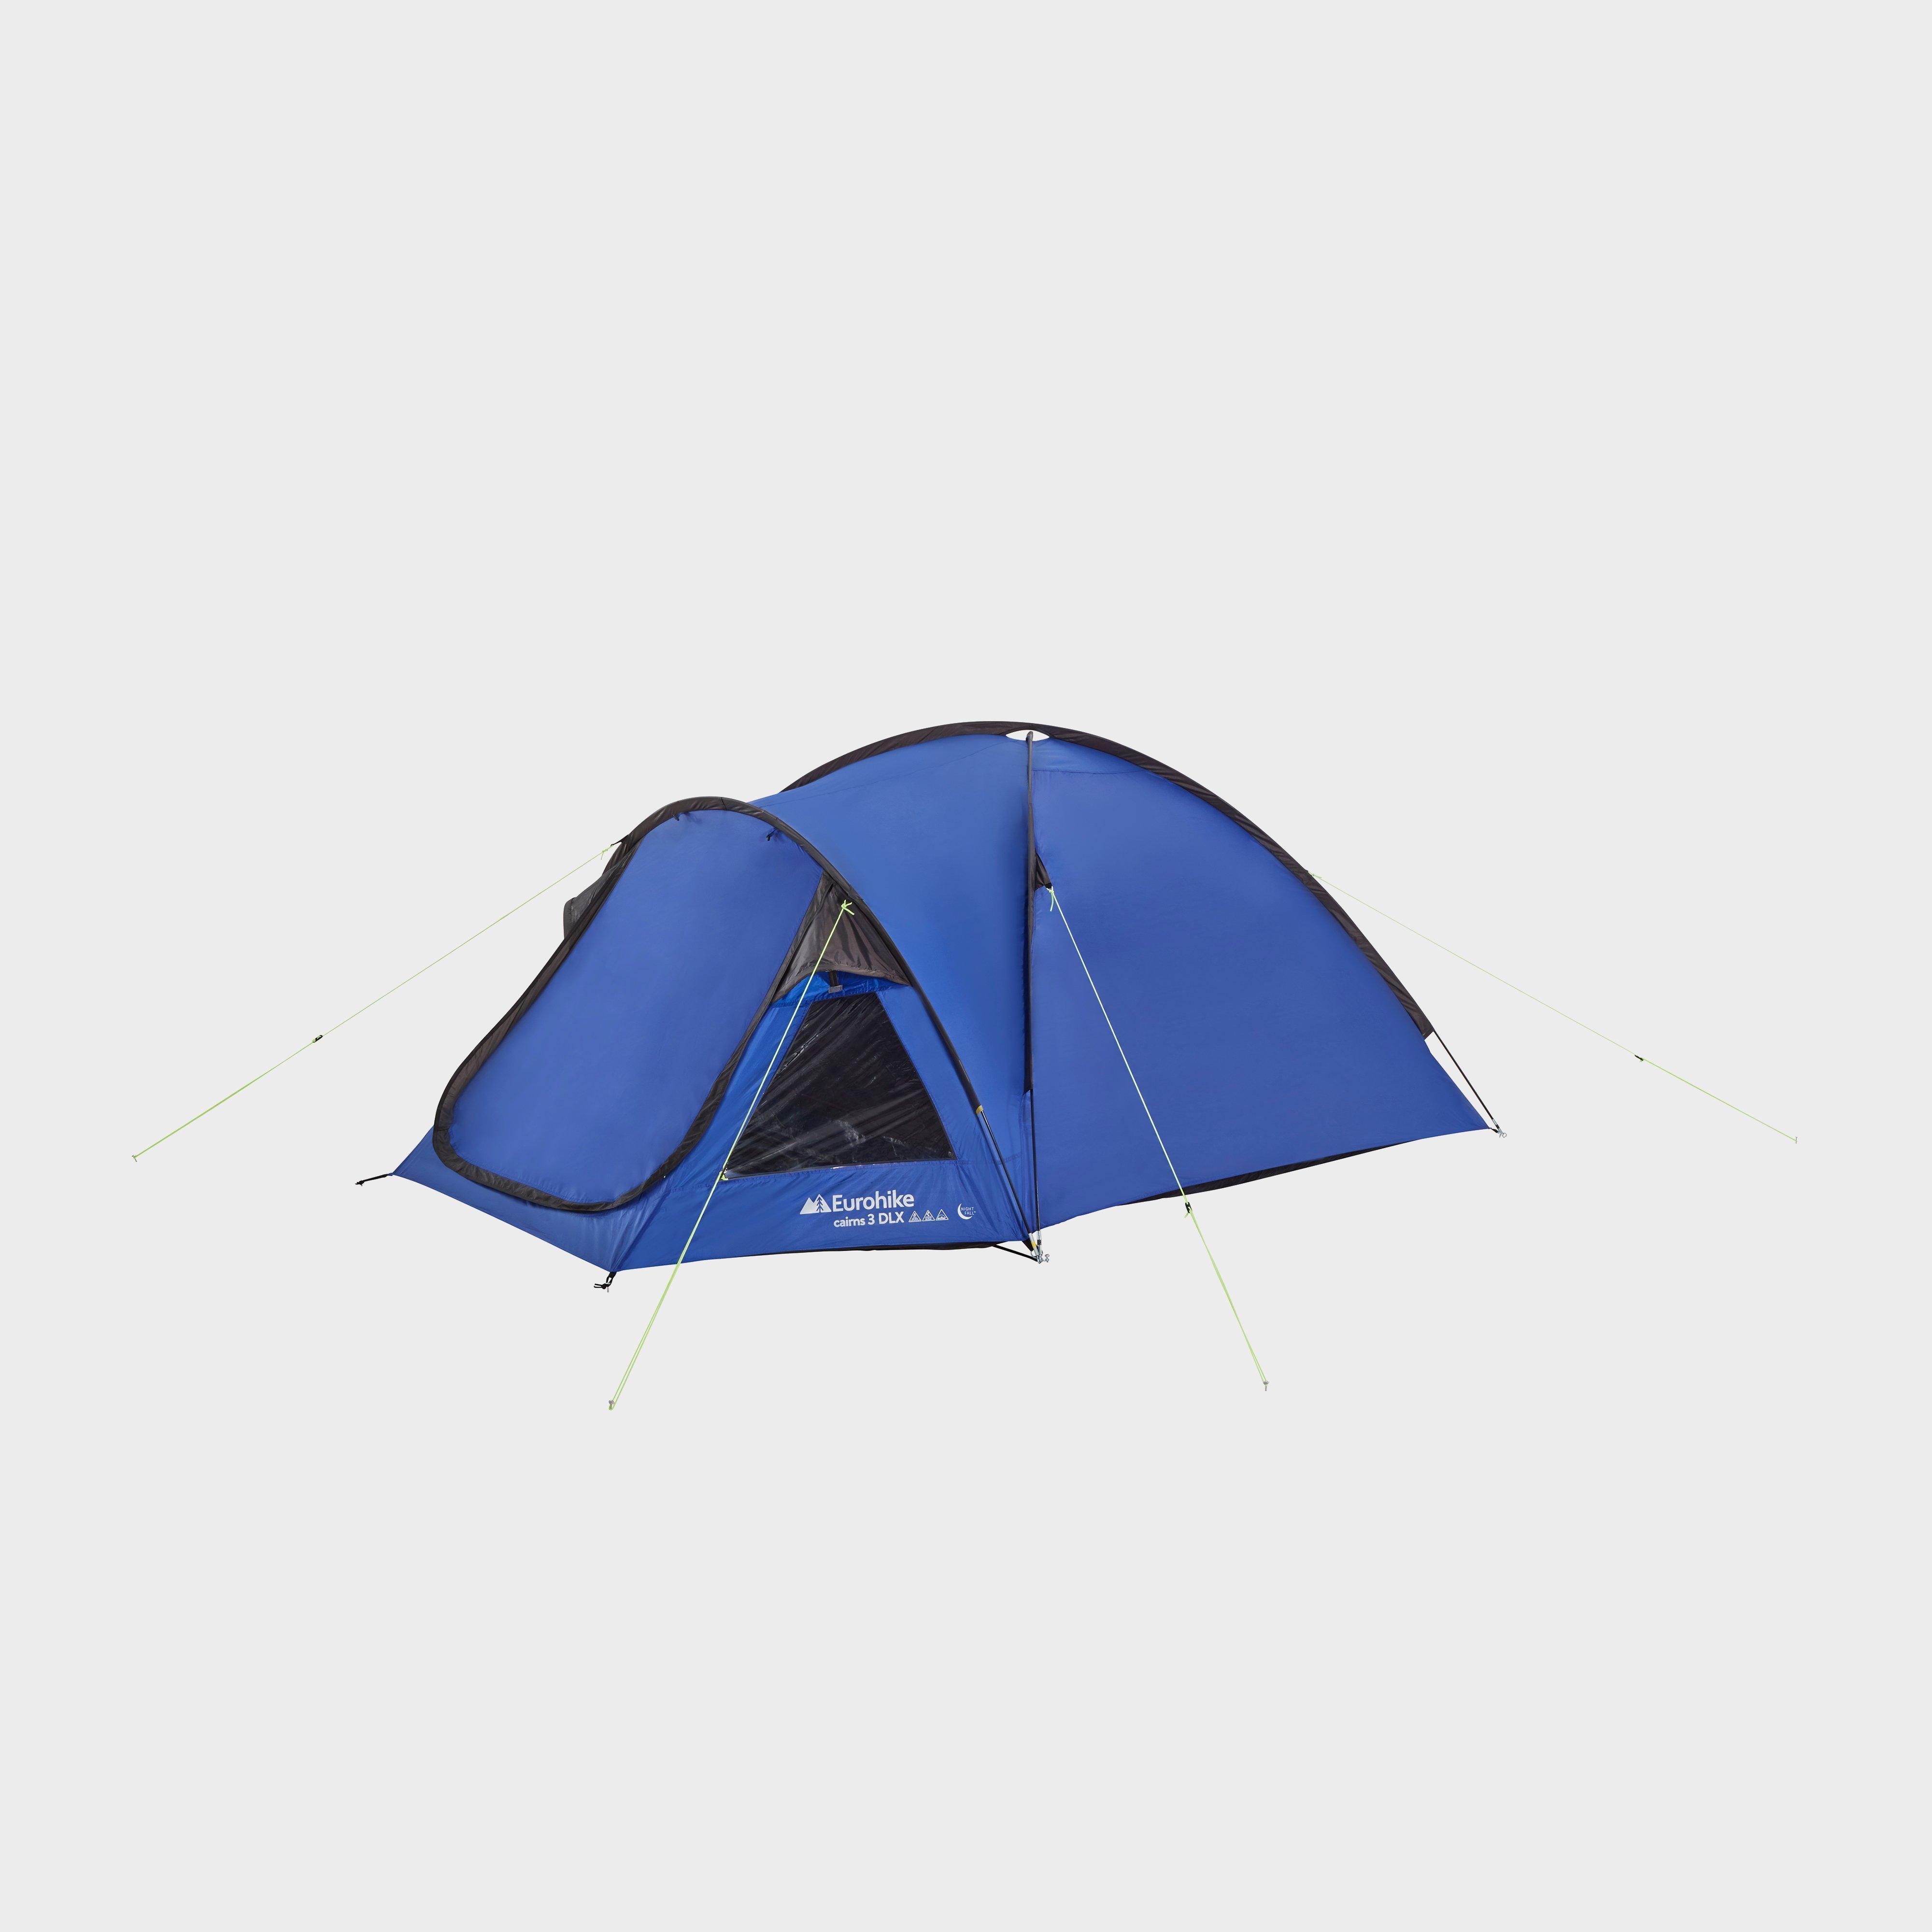 Eurohike Eurohike Cairns 3 DLX Nightfall Tent, Blue